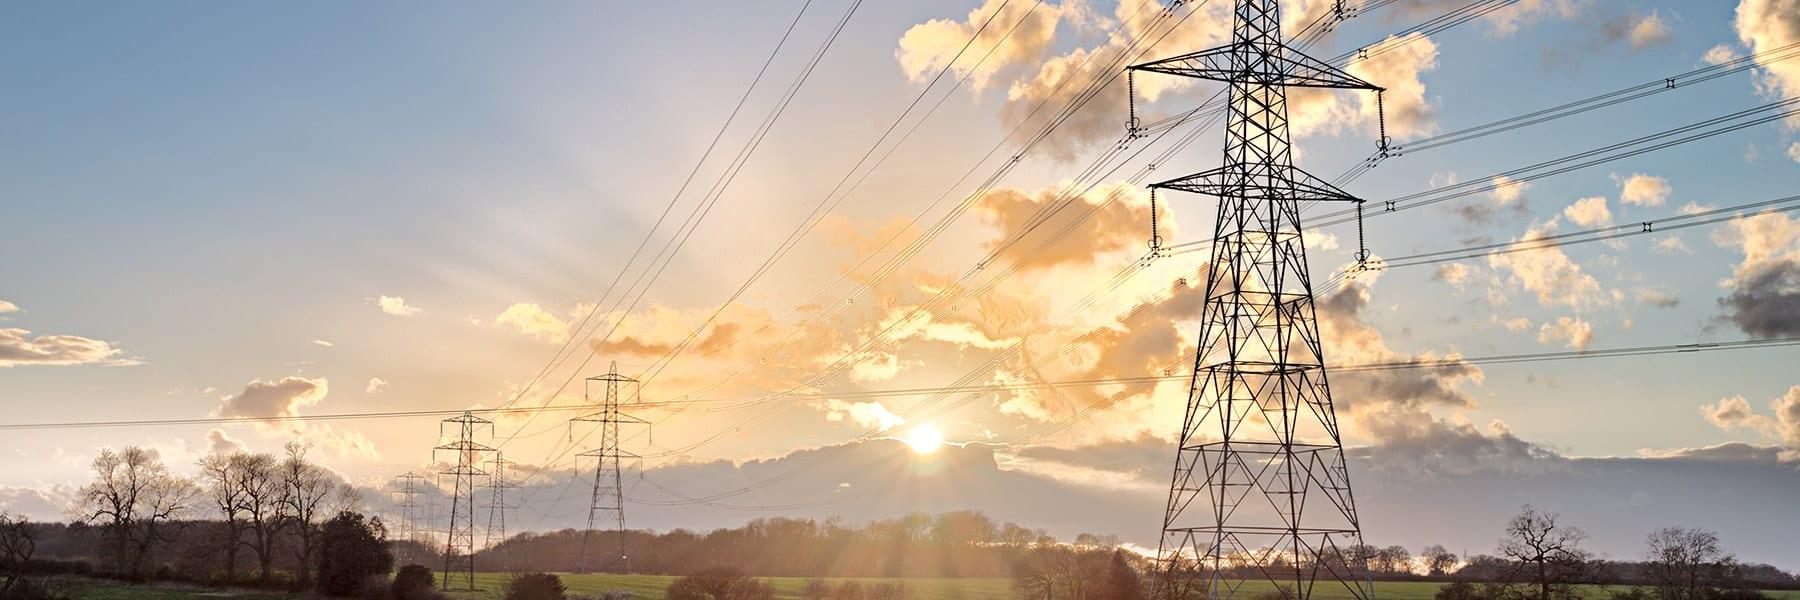 Plainwell Power Generation FP Image